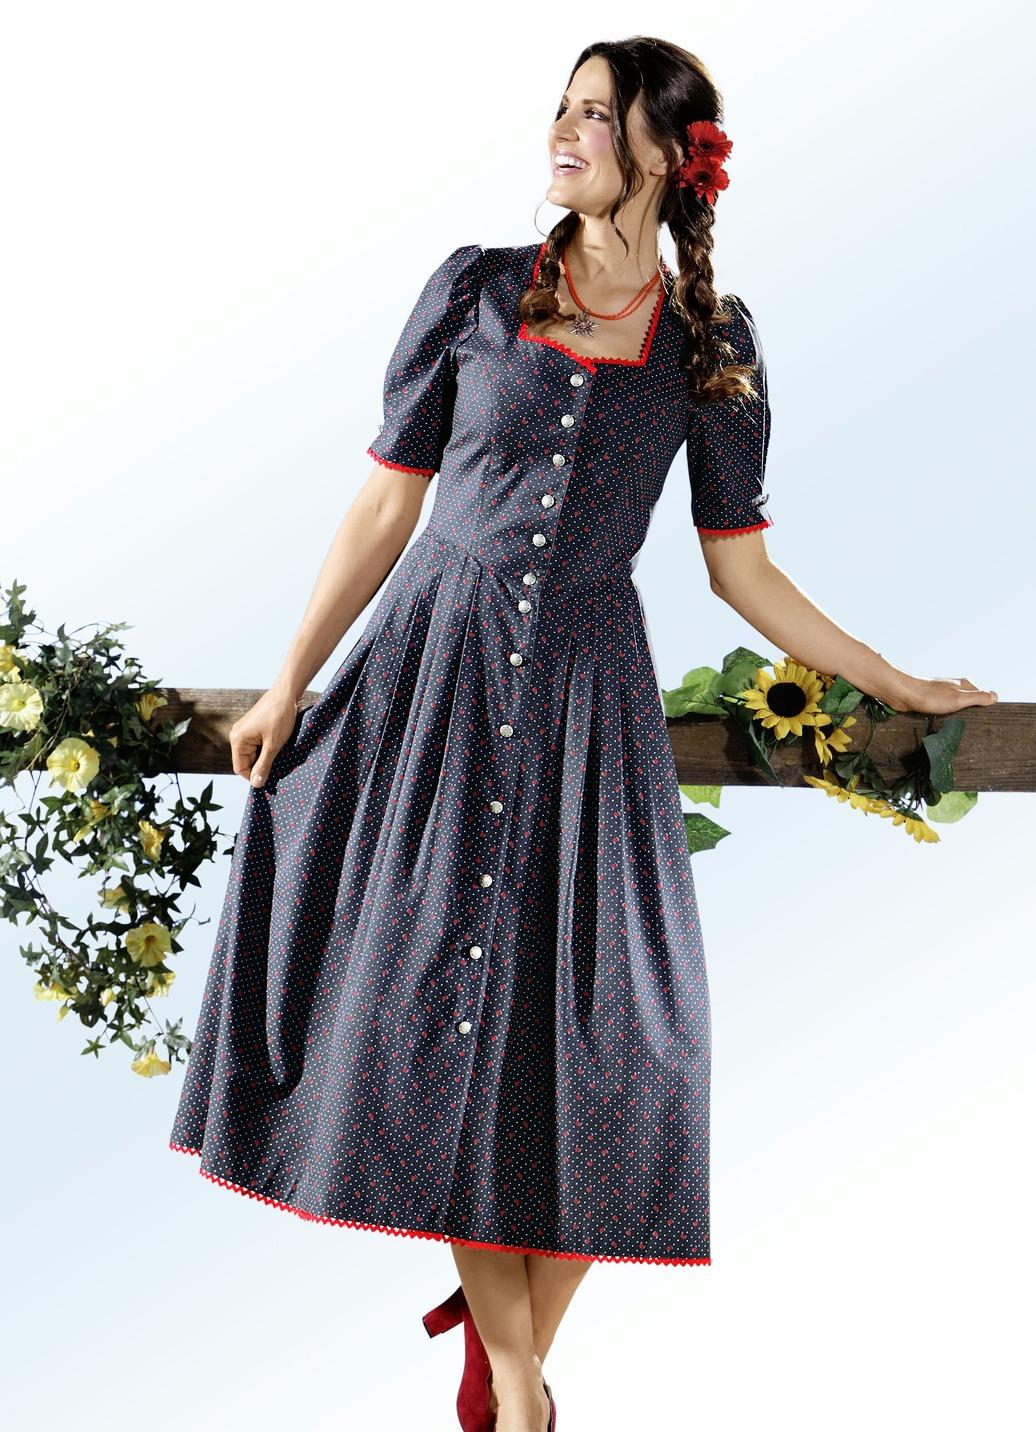 Landhauskleid mit zauberhaftem Tupfen- und Floraldessin Anthrazit-Rot Größe 22 Damen Preisvergleich